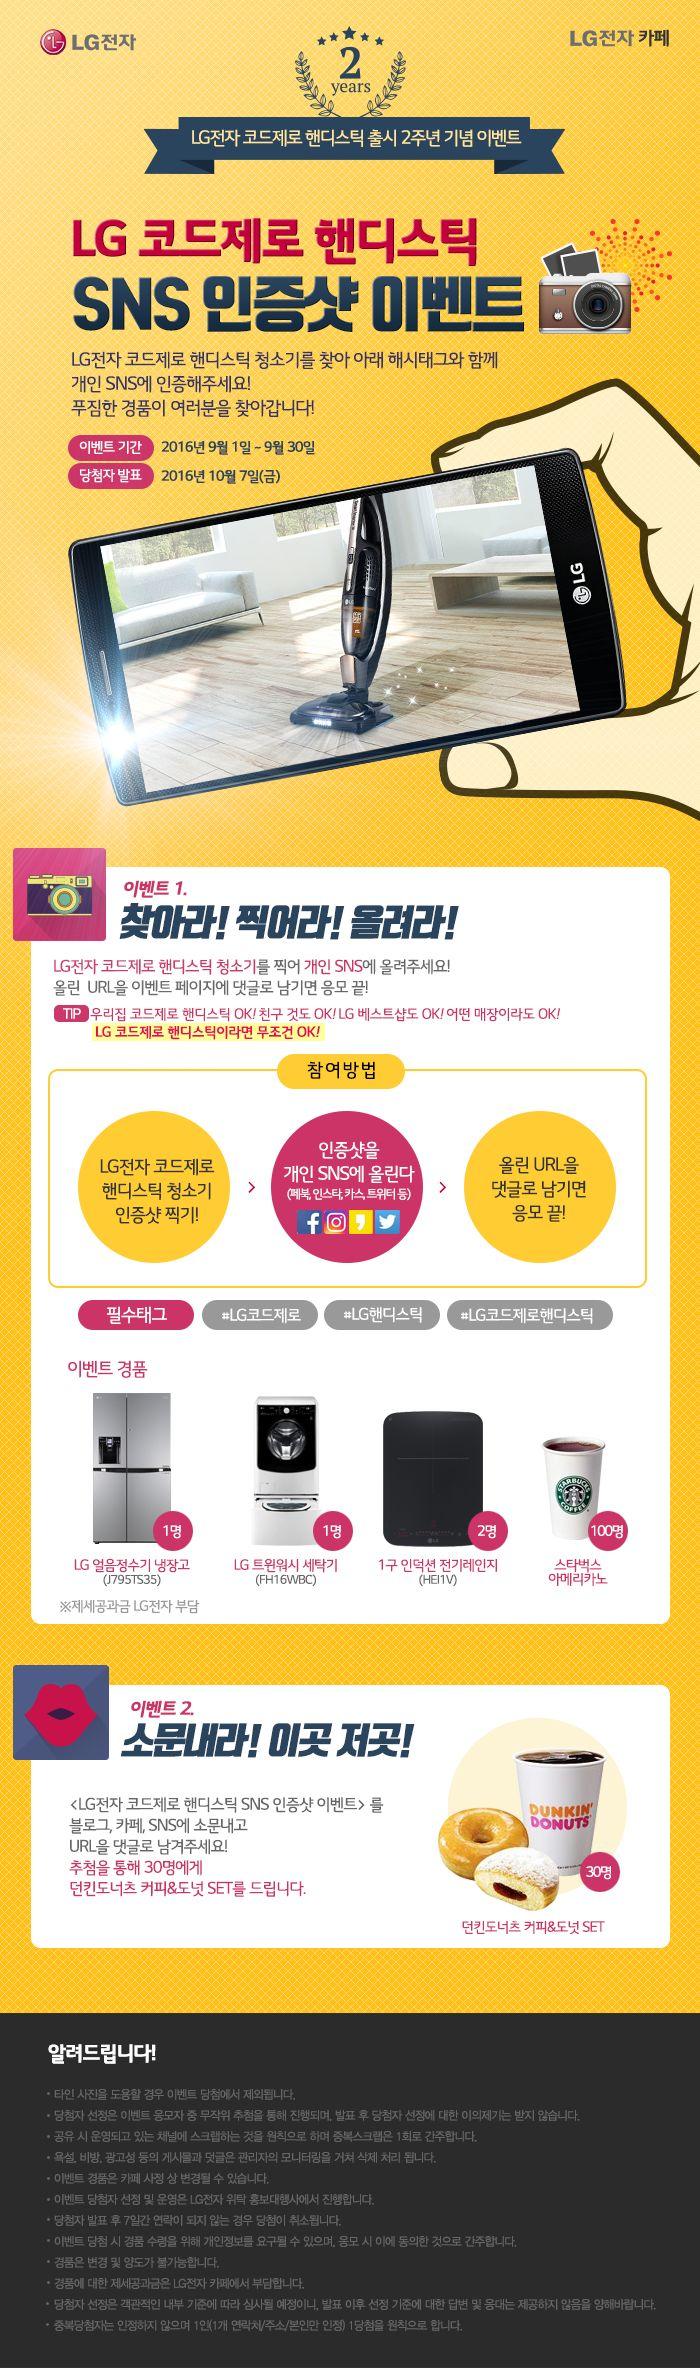 [이벤트] LG 코드제로 핸디스틱 출시 2주년 기념 SNS 인증샷 이벤트 (출처 : LG Life˙s Good - 엘지전자 체험단 카페 | 네이버 카페) http://naver.me/xlZOoJt1